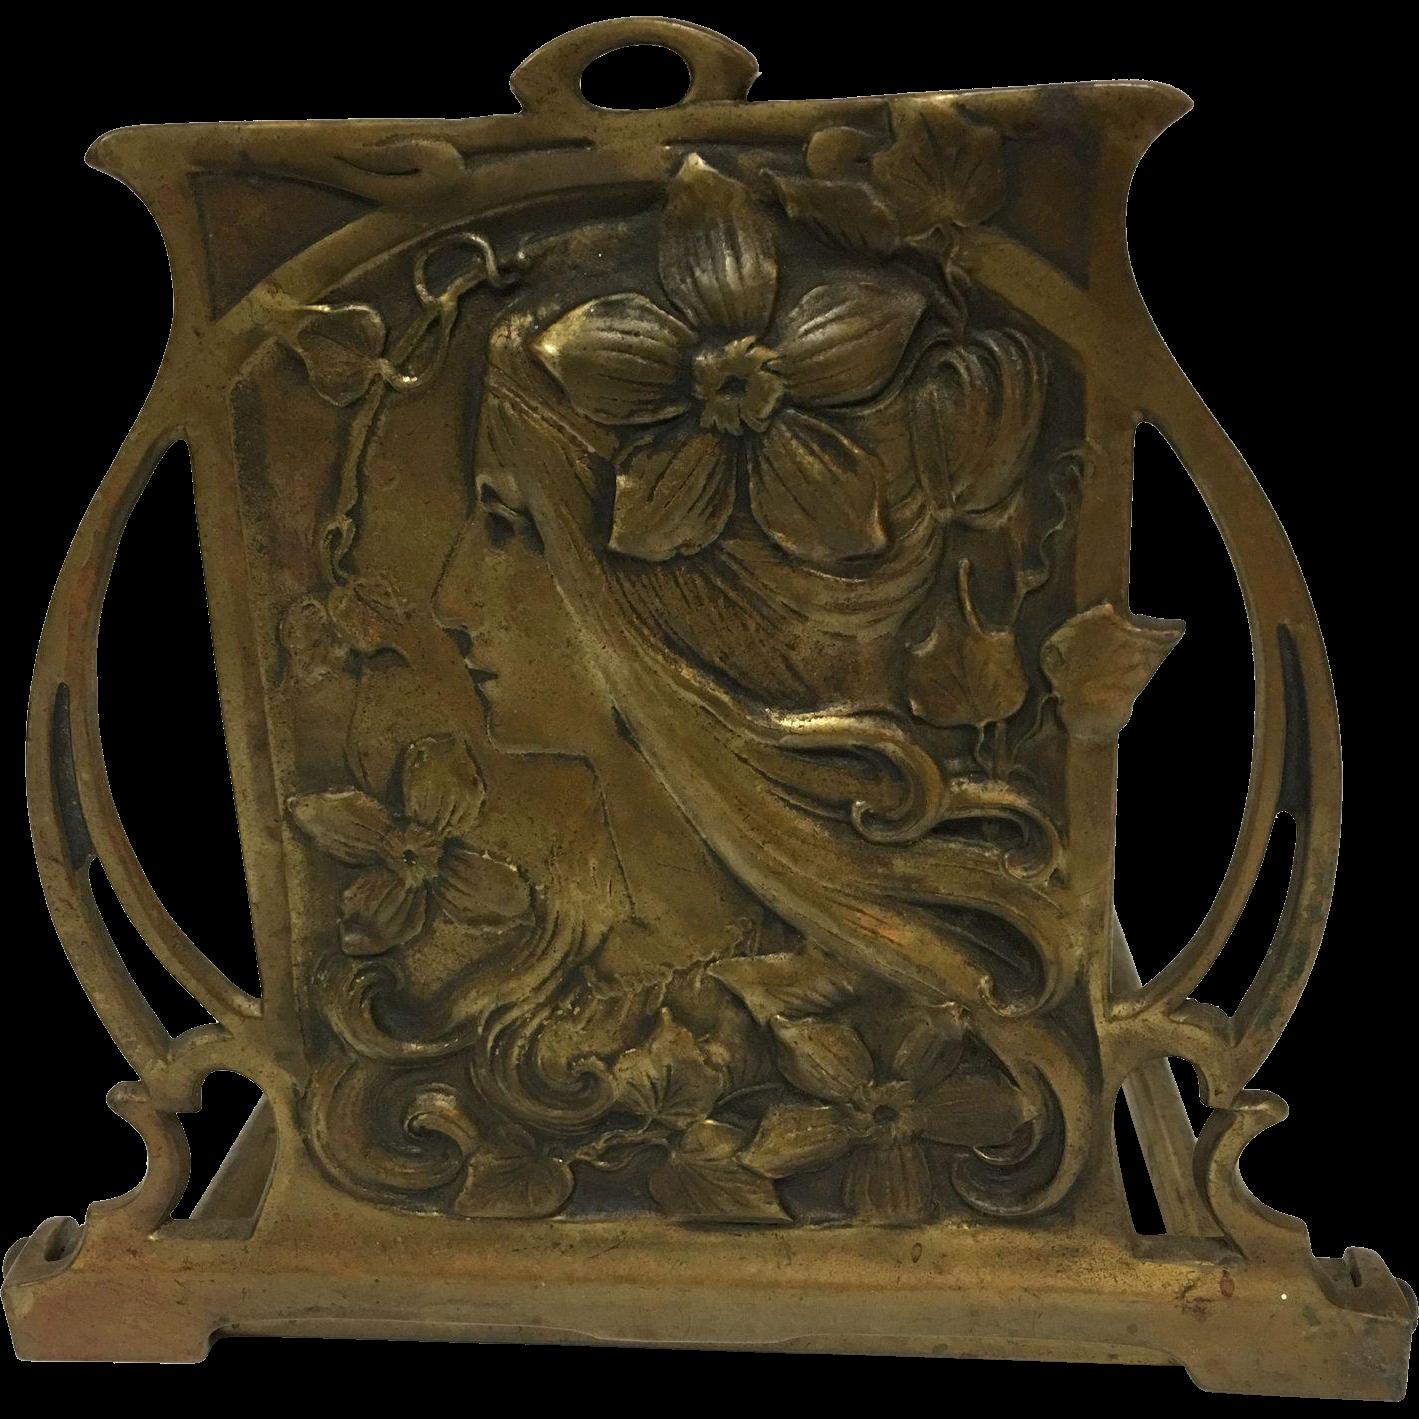 Paris Porcelain Art Nouveau Period Lamp Chinese Taste: Exquisite Large Antique French Bronzed Art Nouveau Maiden